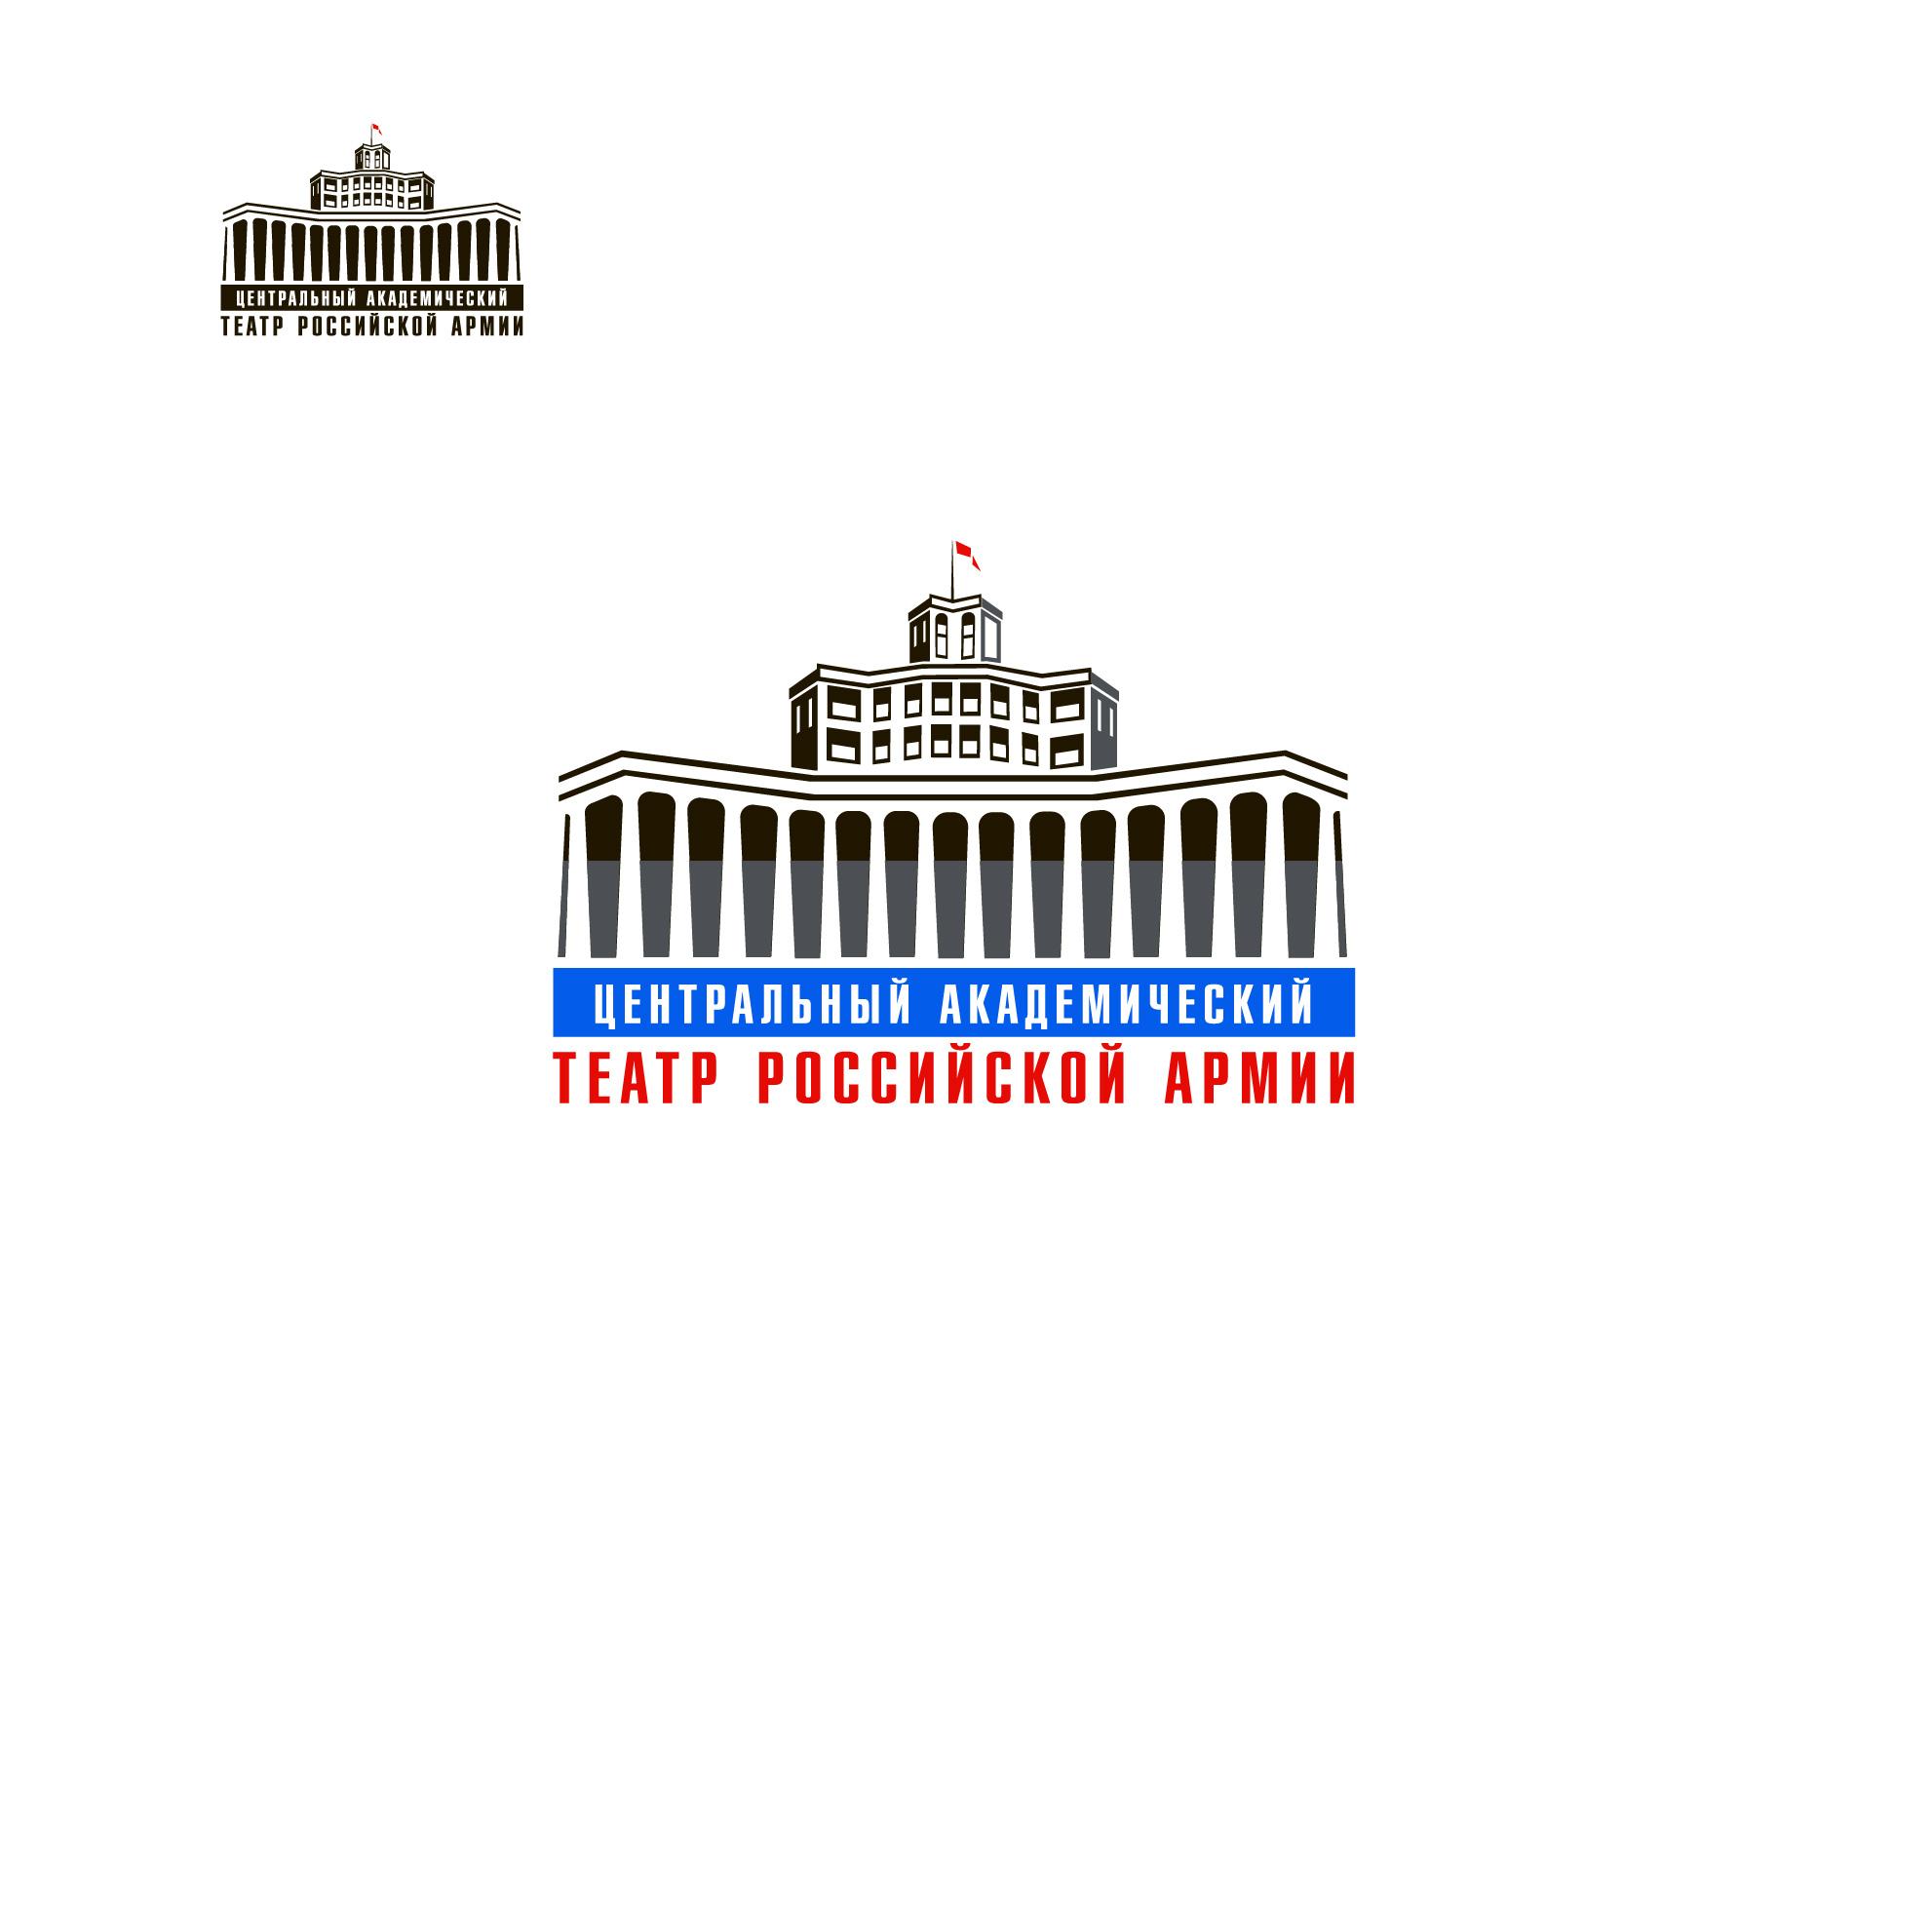 Разработка логотипа для Театра Российской Армии фото f_4655880da1fa52dc.jpg